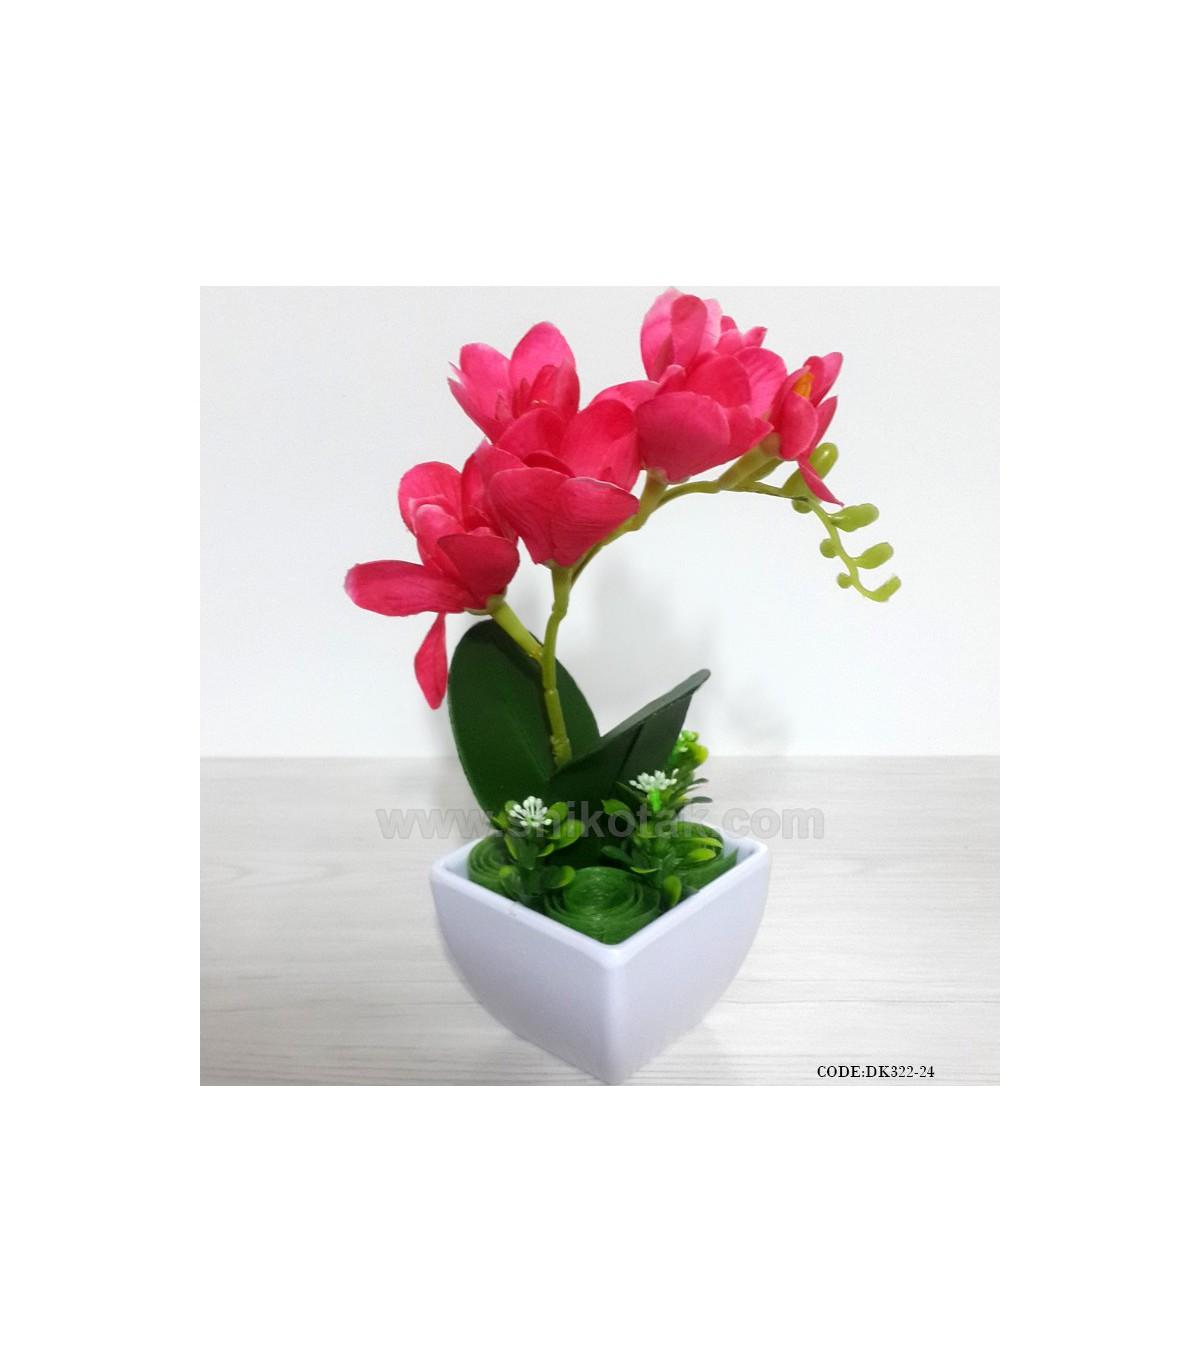 گل ارکیده مصنوعی سراخبی